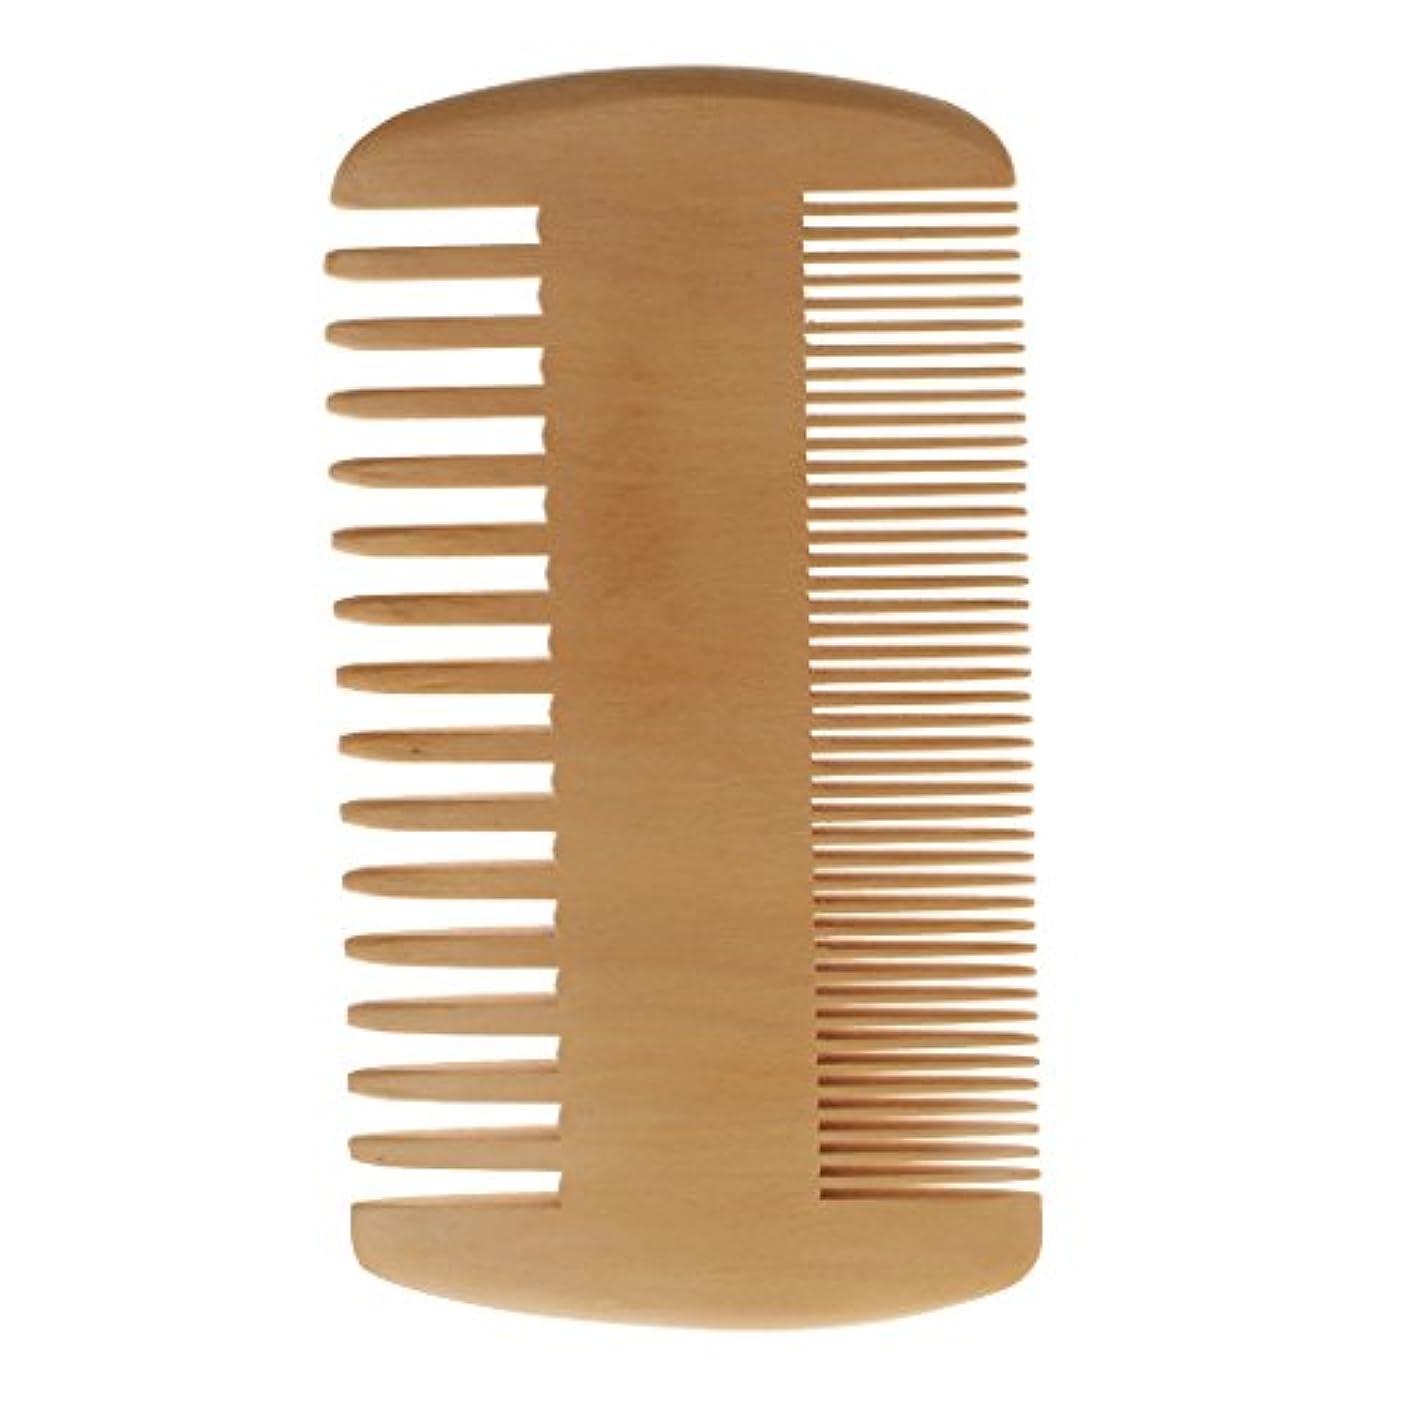 影響却下するフィットポケットコーム 木製コーム 木製櫛 ヘアダイコーム ヘアブラシ 2倍 密度 歯 携帯 便利